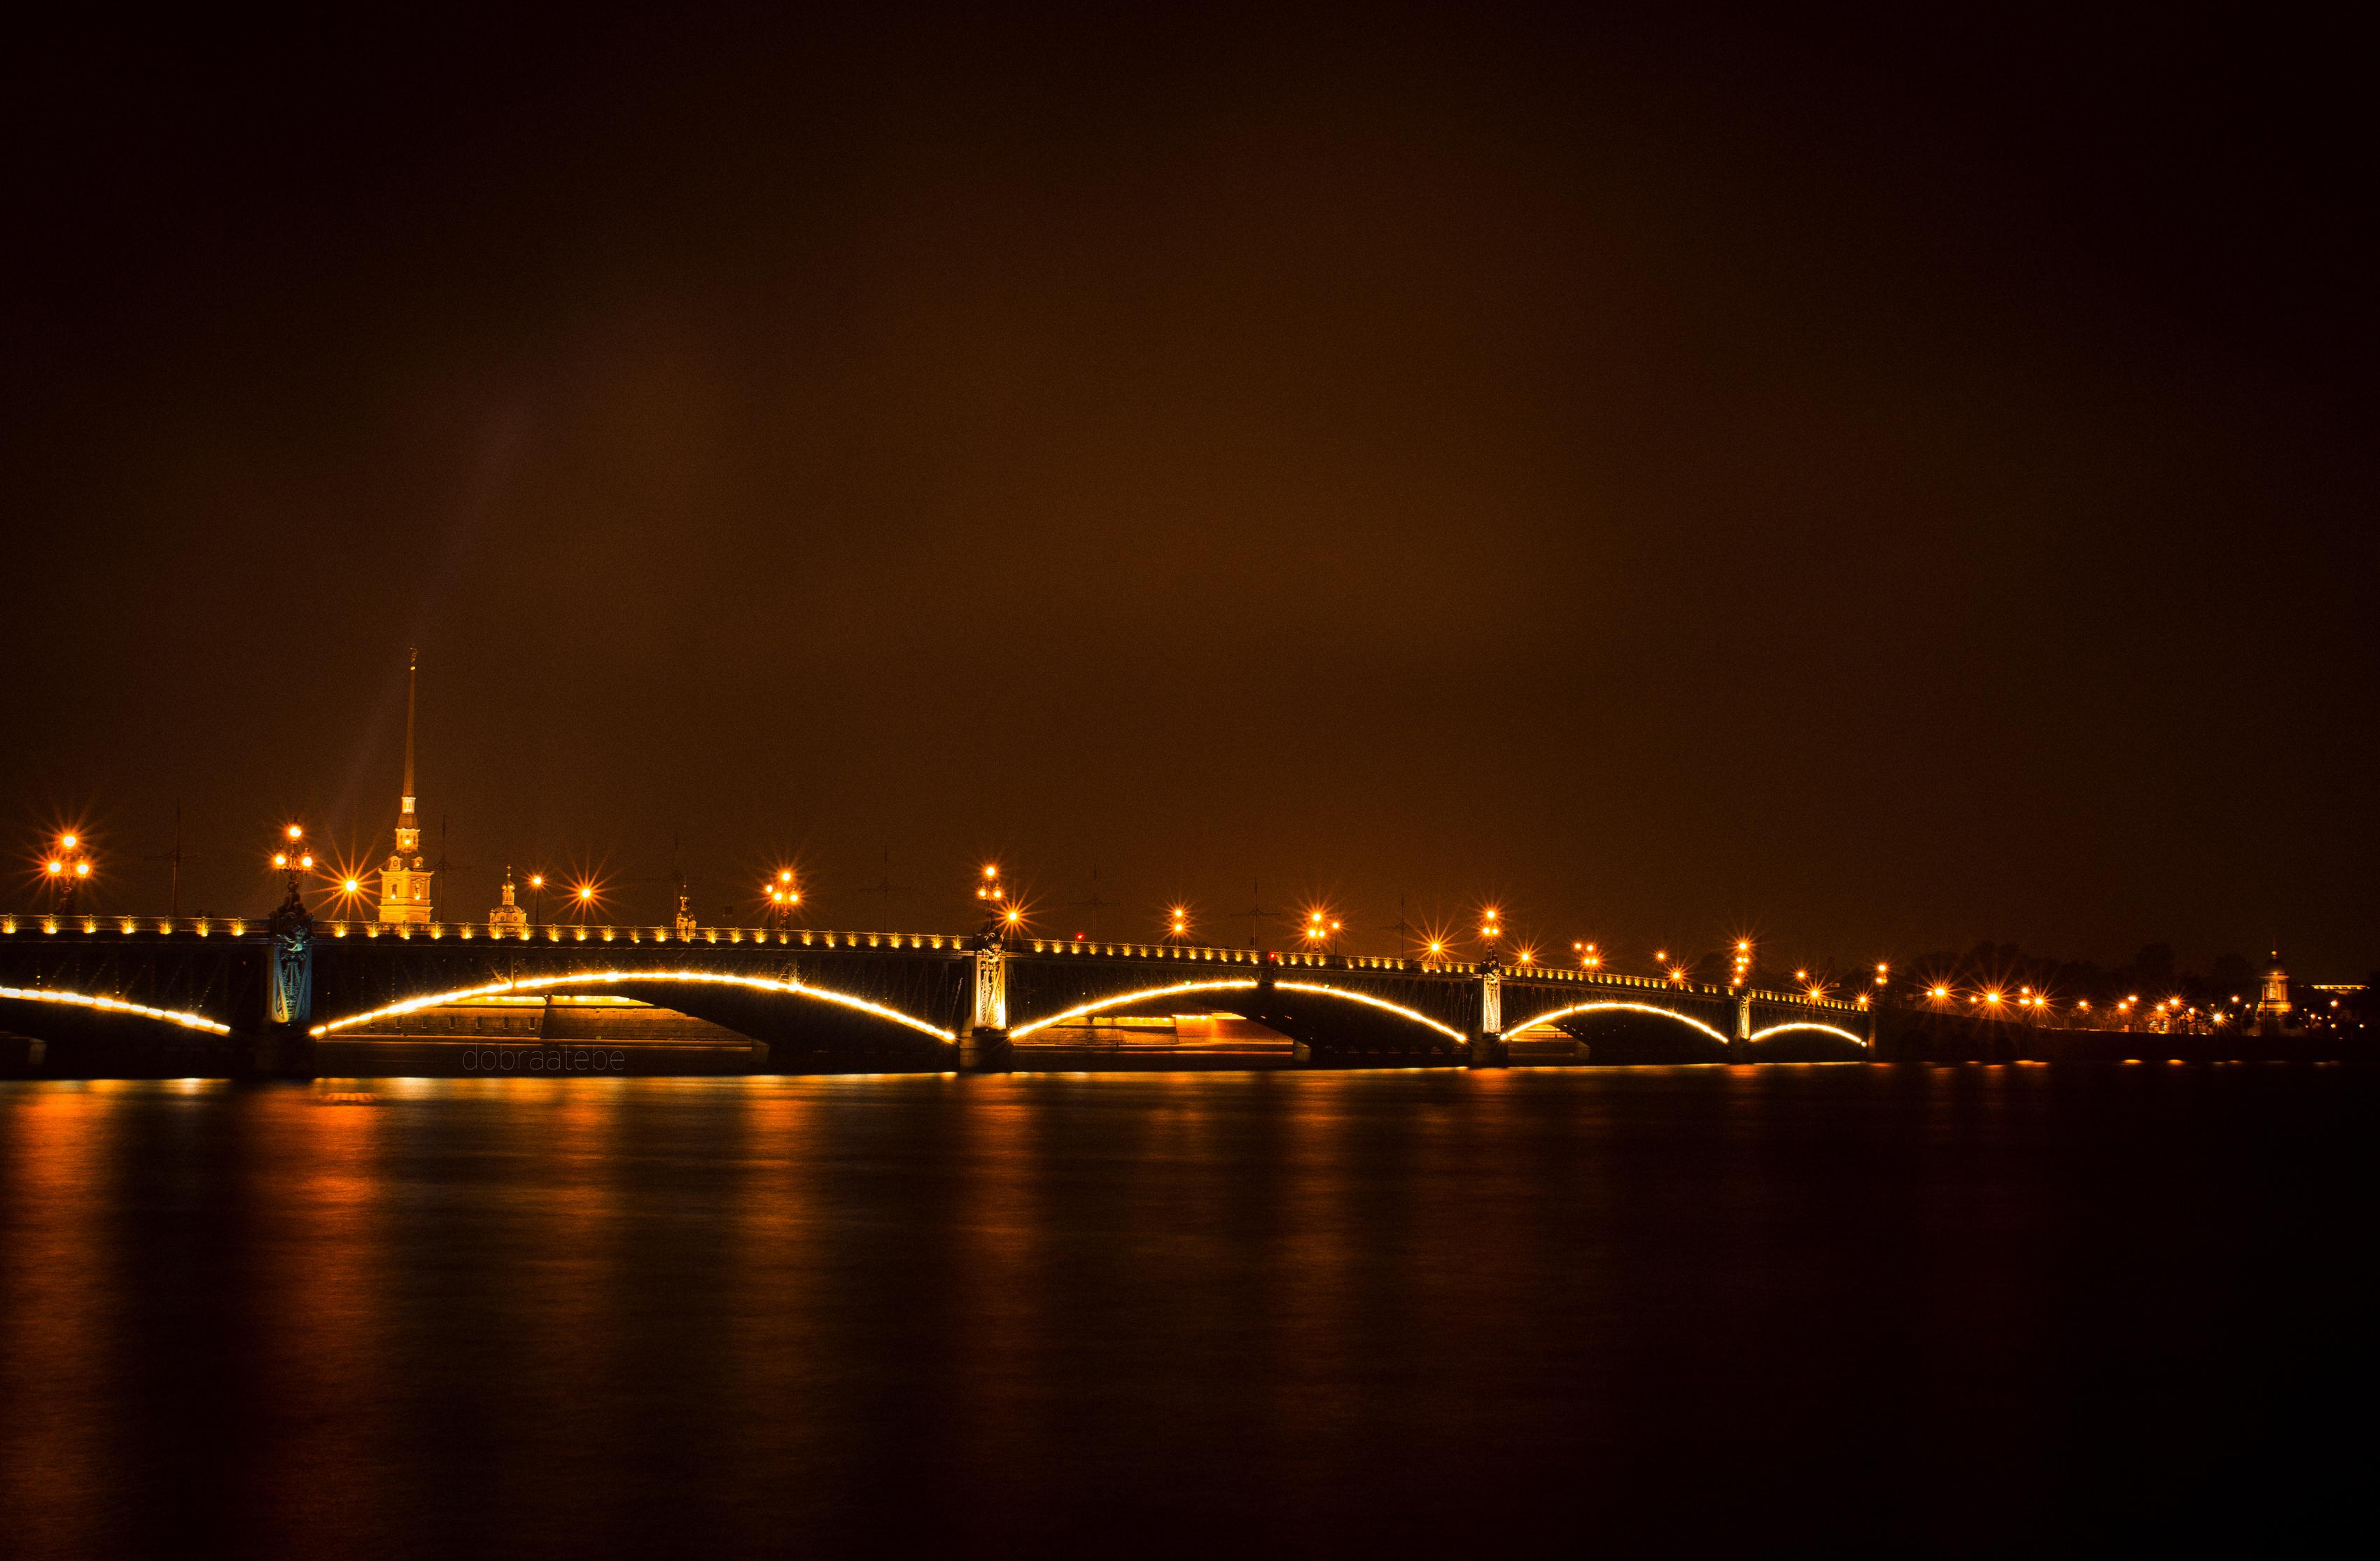 мост город вечер фонари бесплатно